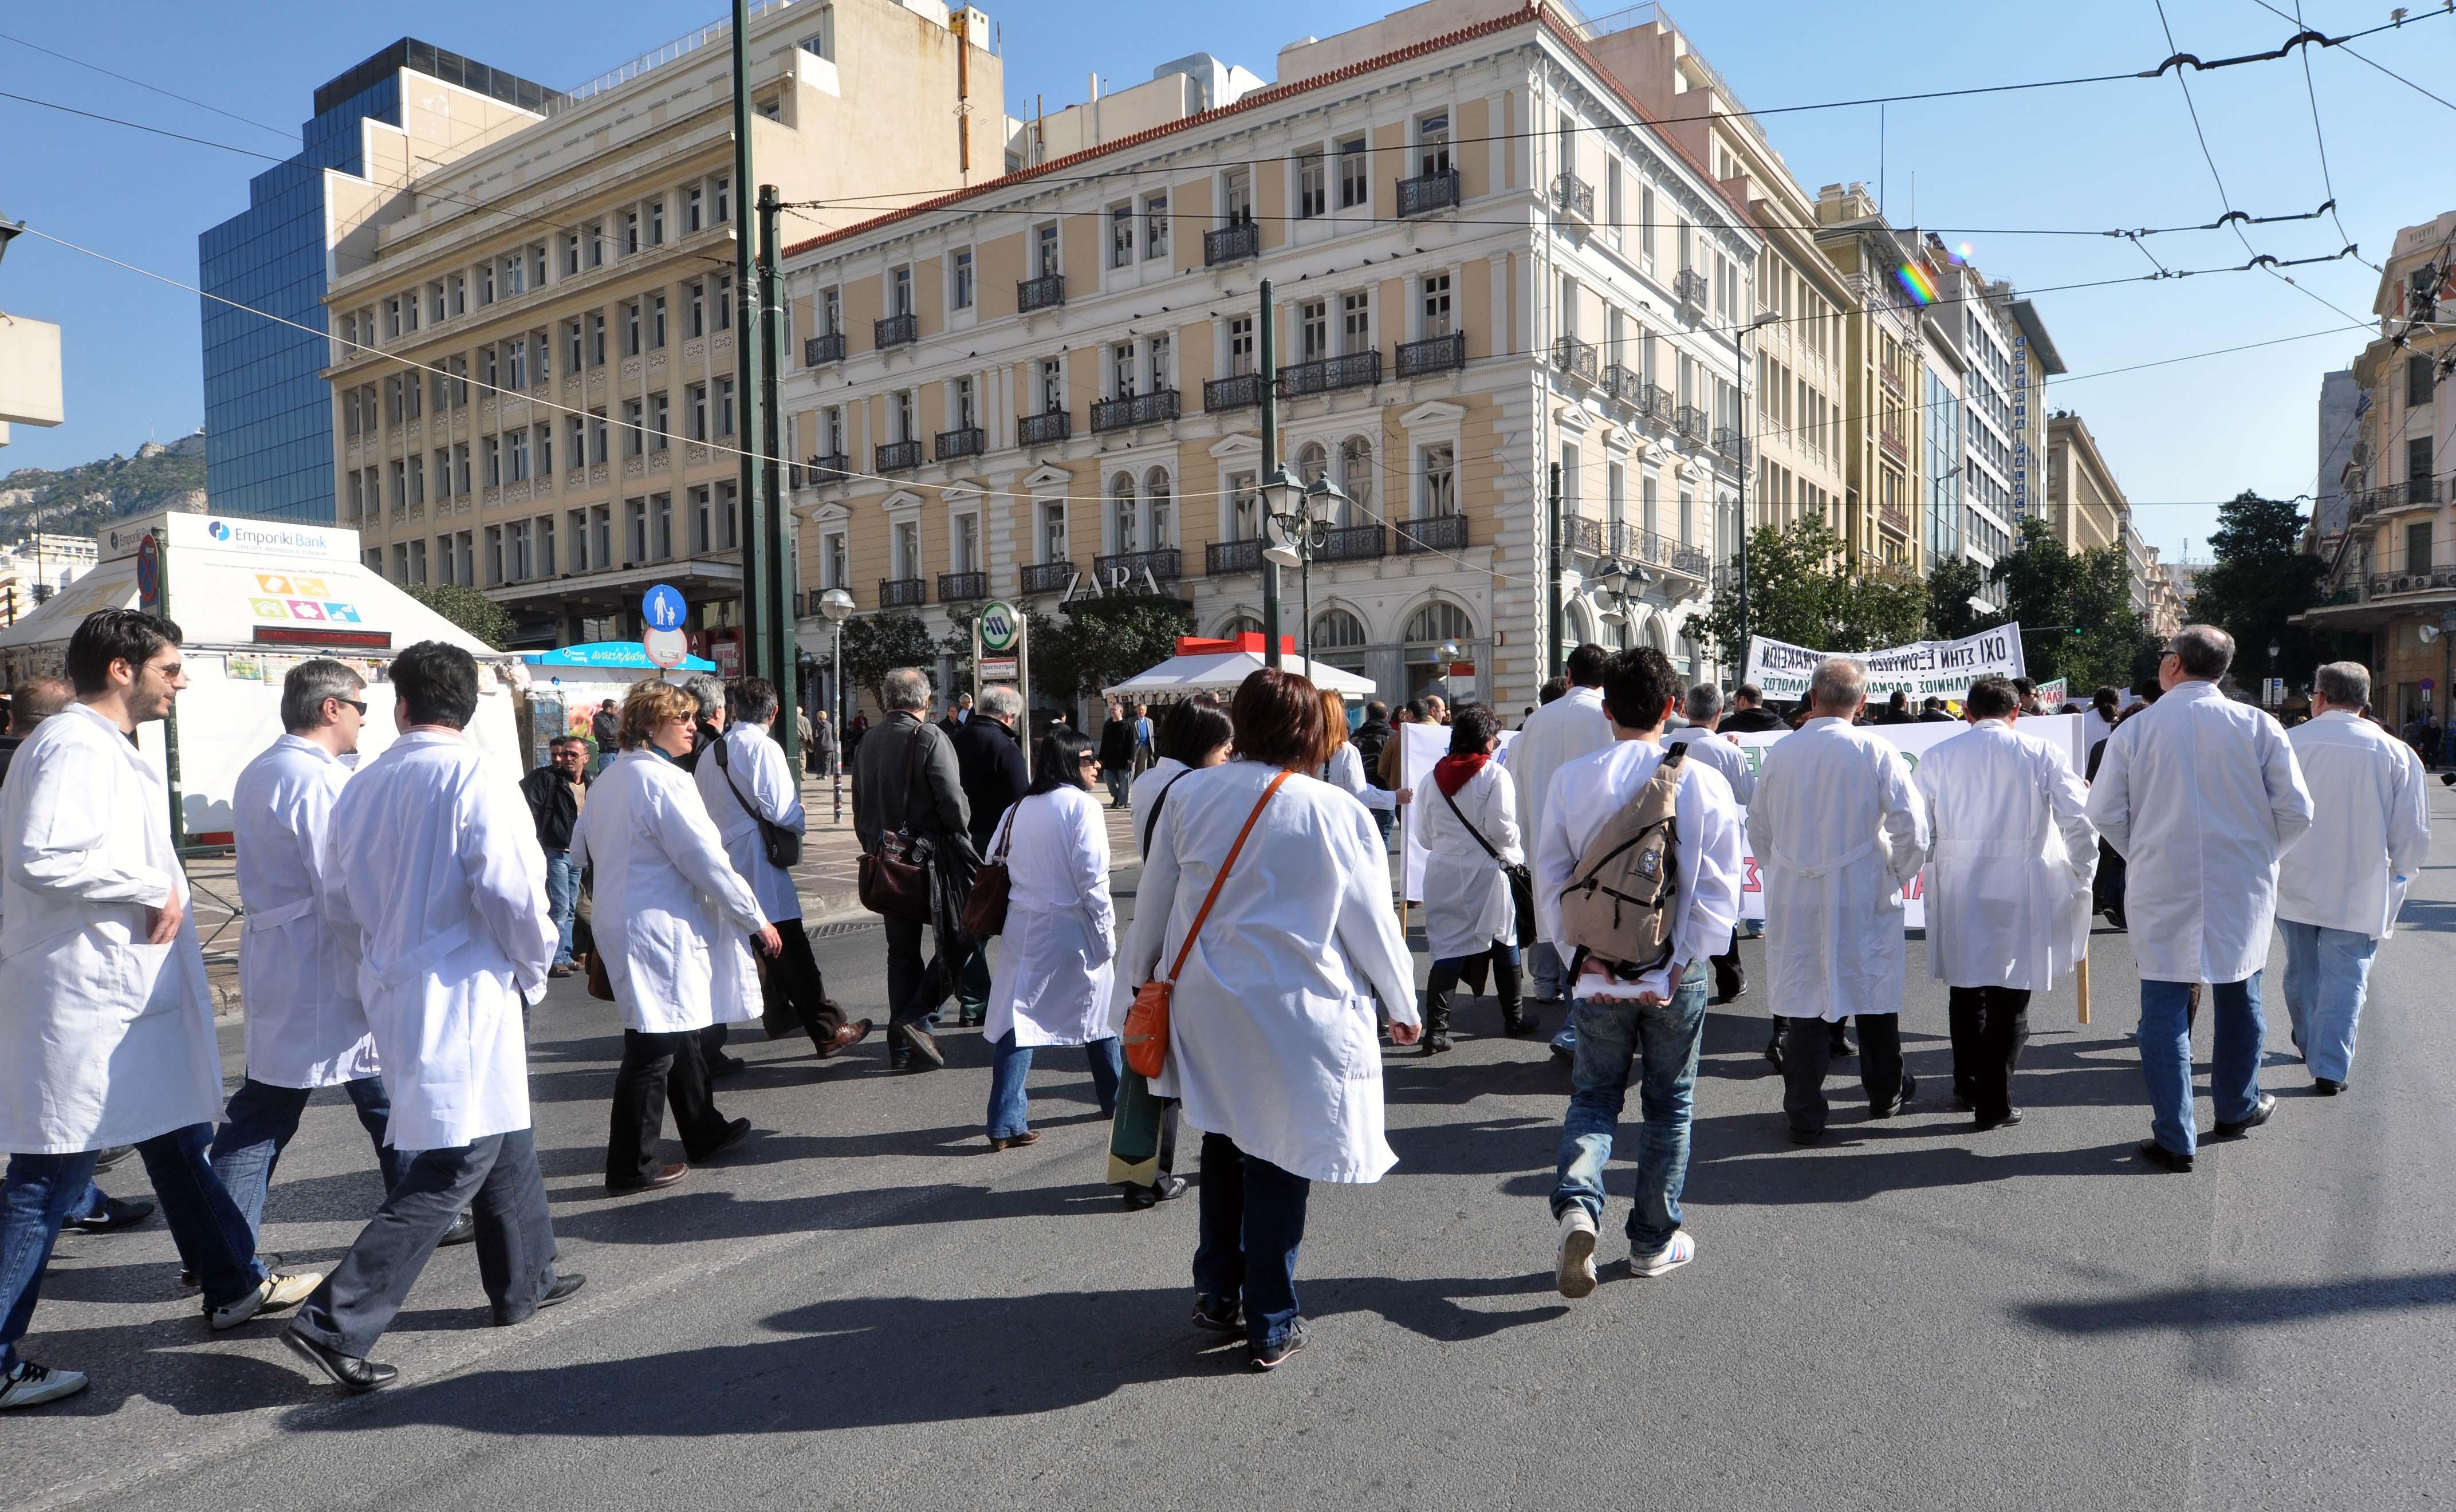 Απεργιακός πυρετός στο χώρο της Υγείας | tovima.gr